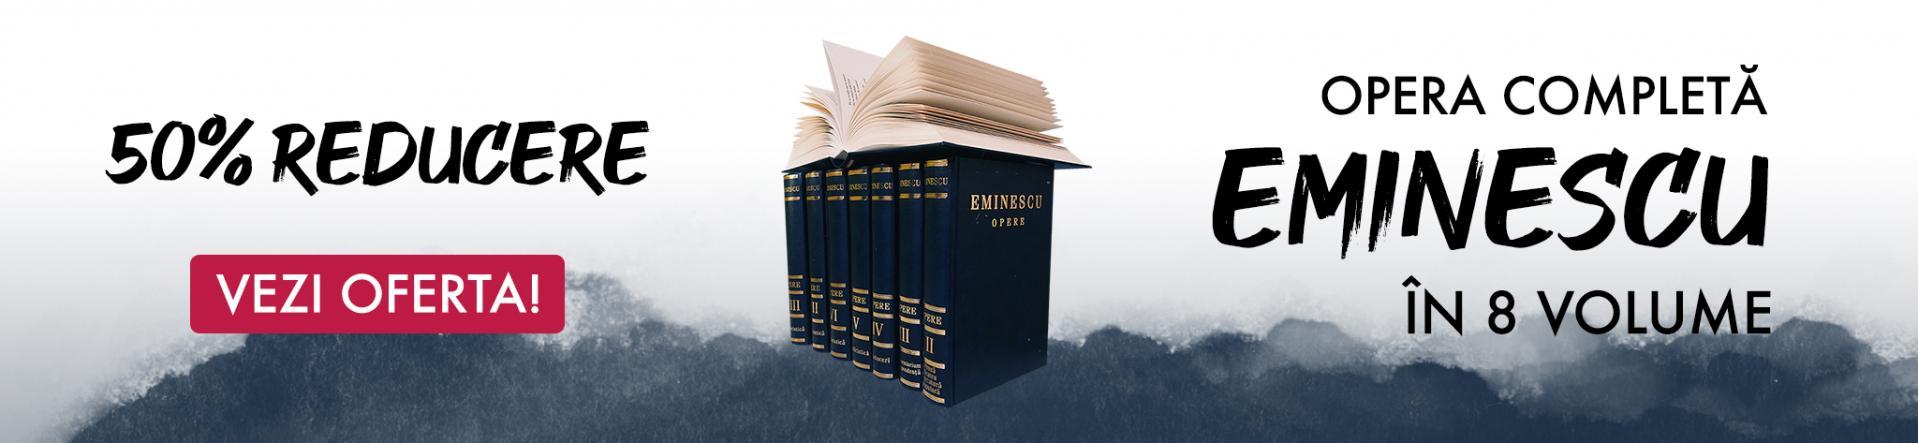 Eminescu 8 Volume: Desktop